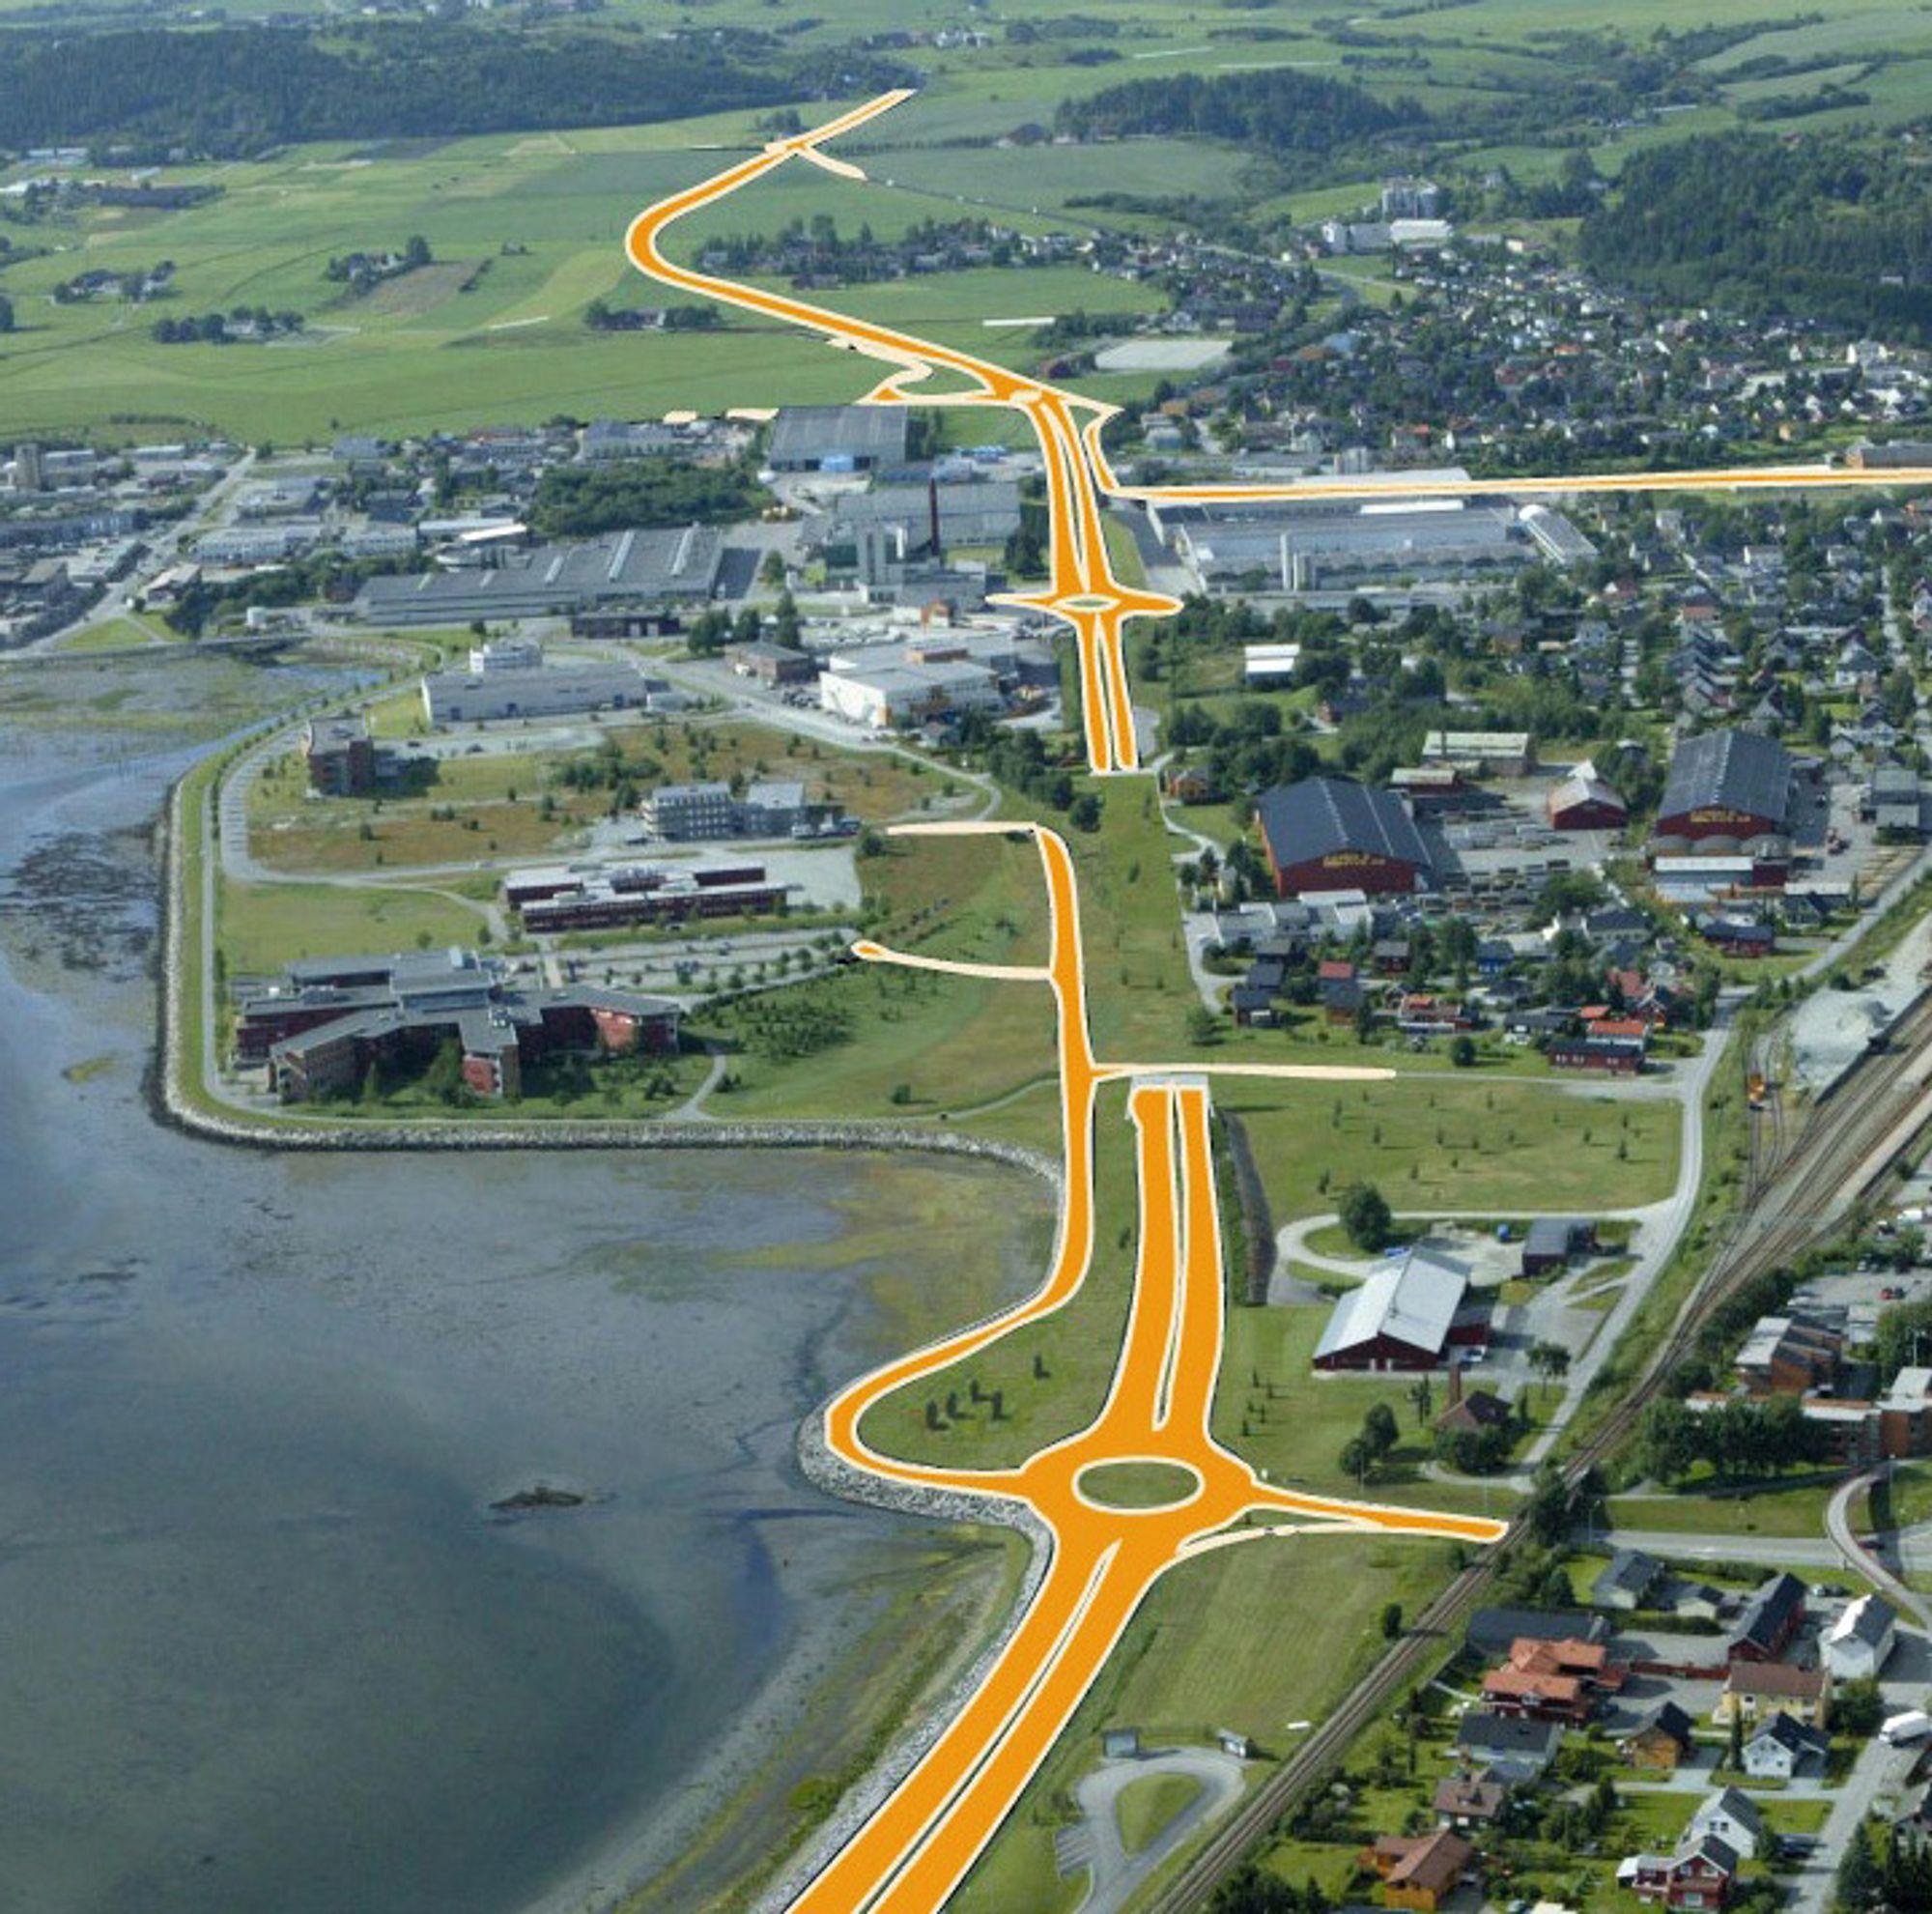 Tangtunnelen midt på bildet skal være ferdig innen 1. september 2011. Reinertsen Anlegg har en knapp ledelse på Skanska i kampen om kontrakten.